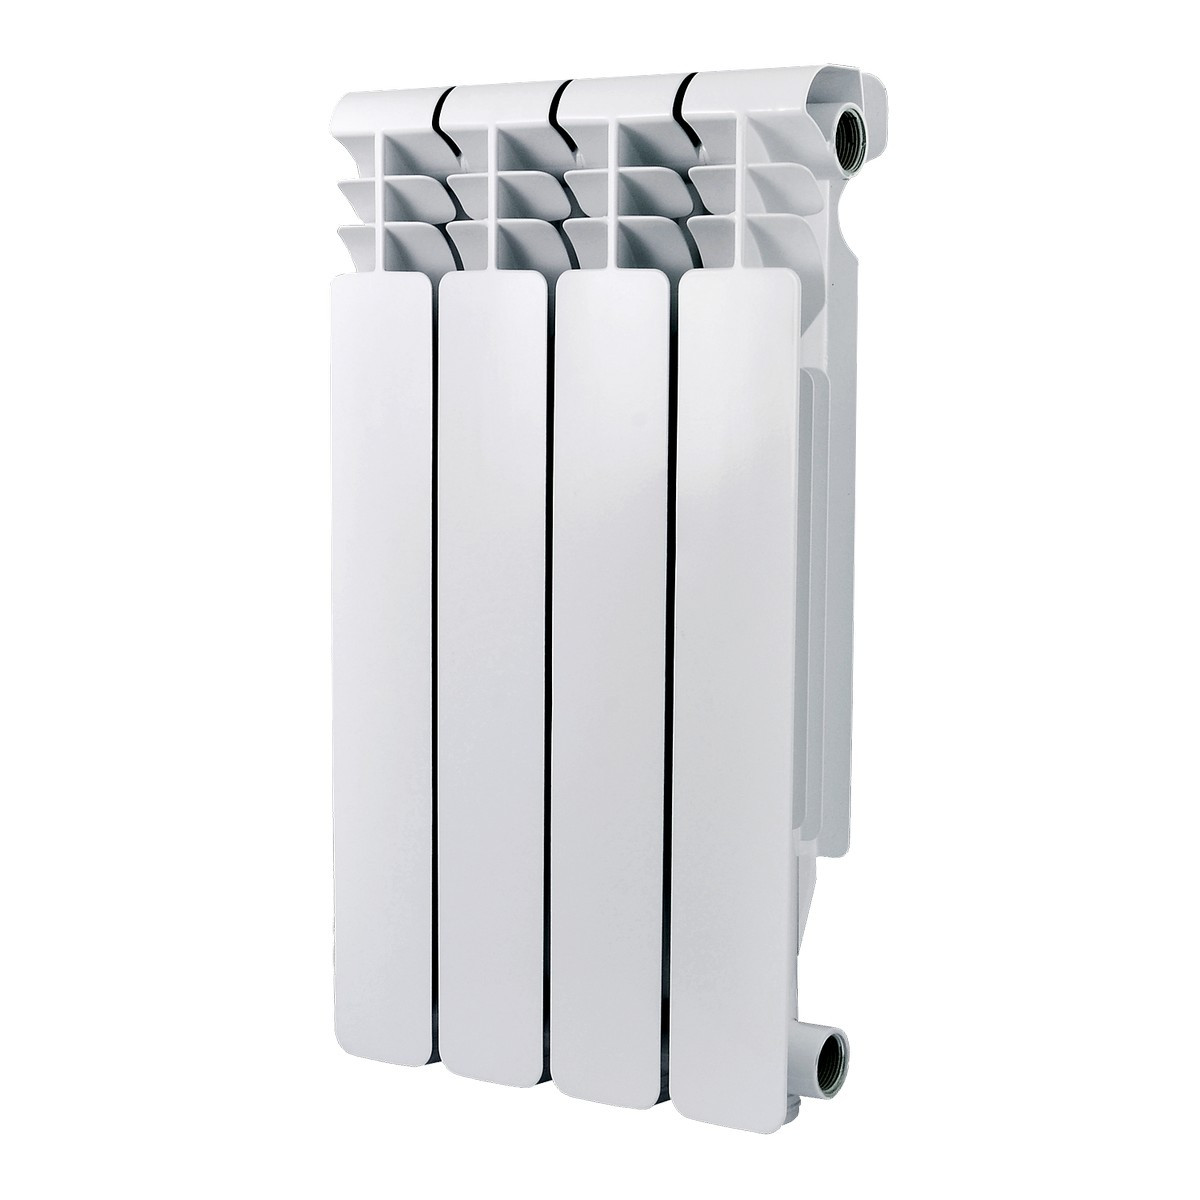 Радиатор алюминий Classic 200 10 секций 1,280кВт Ogint 117-6001